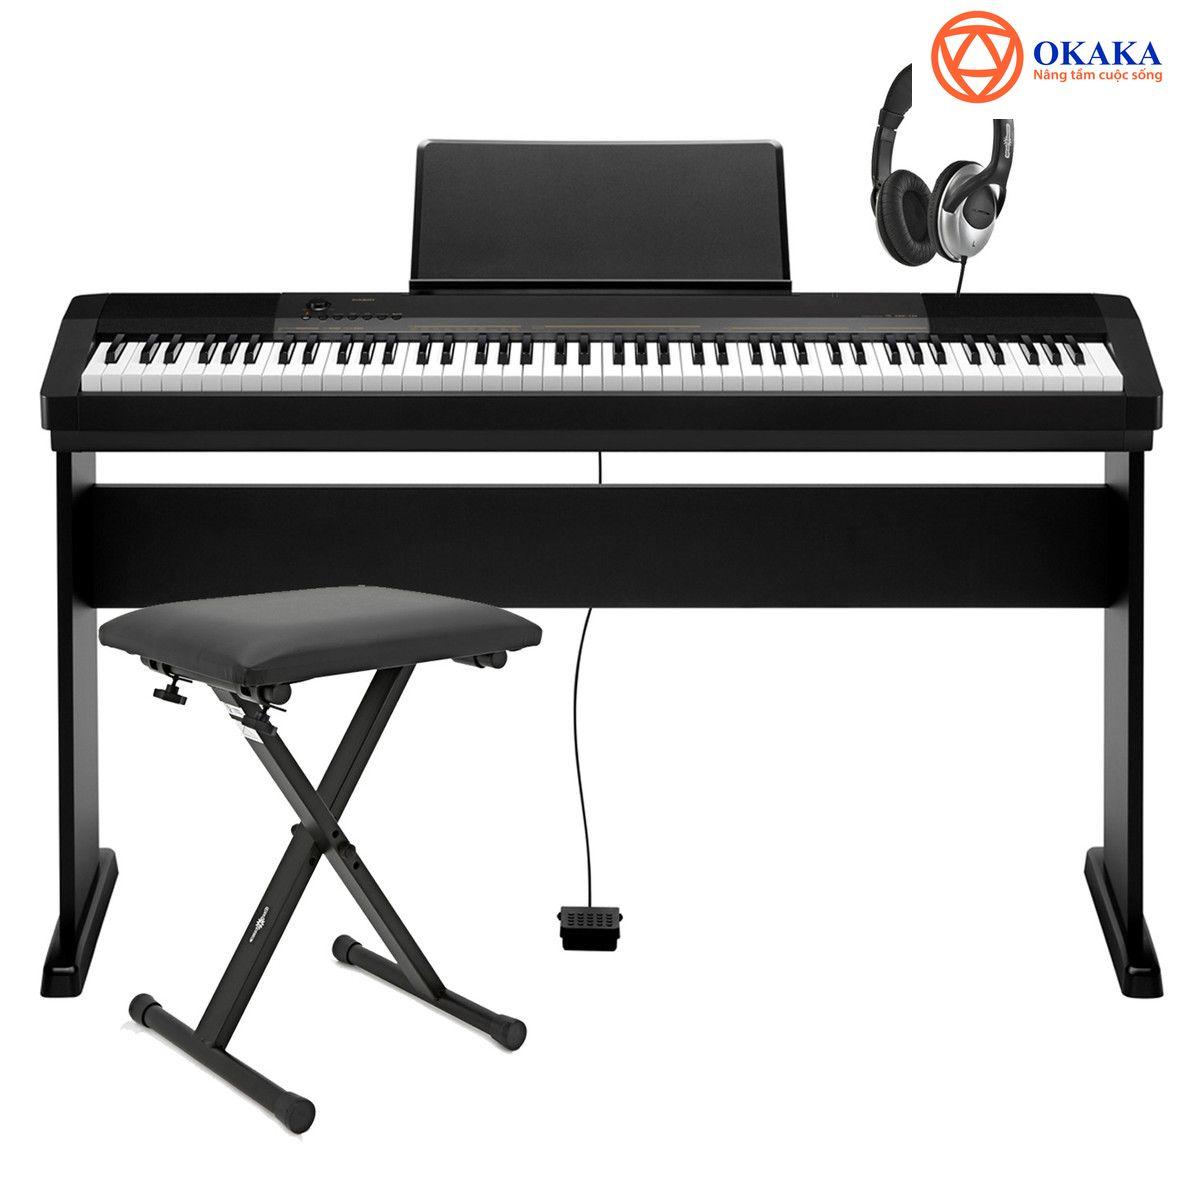 Cải thiện một cây piano bán chạy như CDP 120 quả là một thách thức lớn cho Casio, nhưng một lần nữa hãng đàn bình dân Nhật Bản này đã làm ngạc nhiên tất cả những người yêu piano khi tung ra model mới – đàn piano điện CDP-130 giá dưới 10 triệu rất thích hợp cho người mới học.